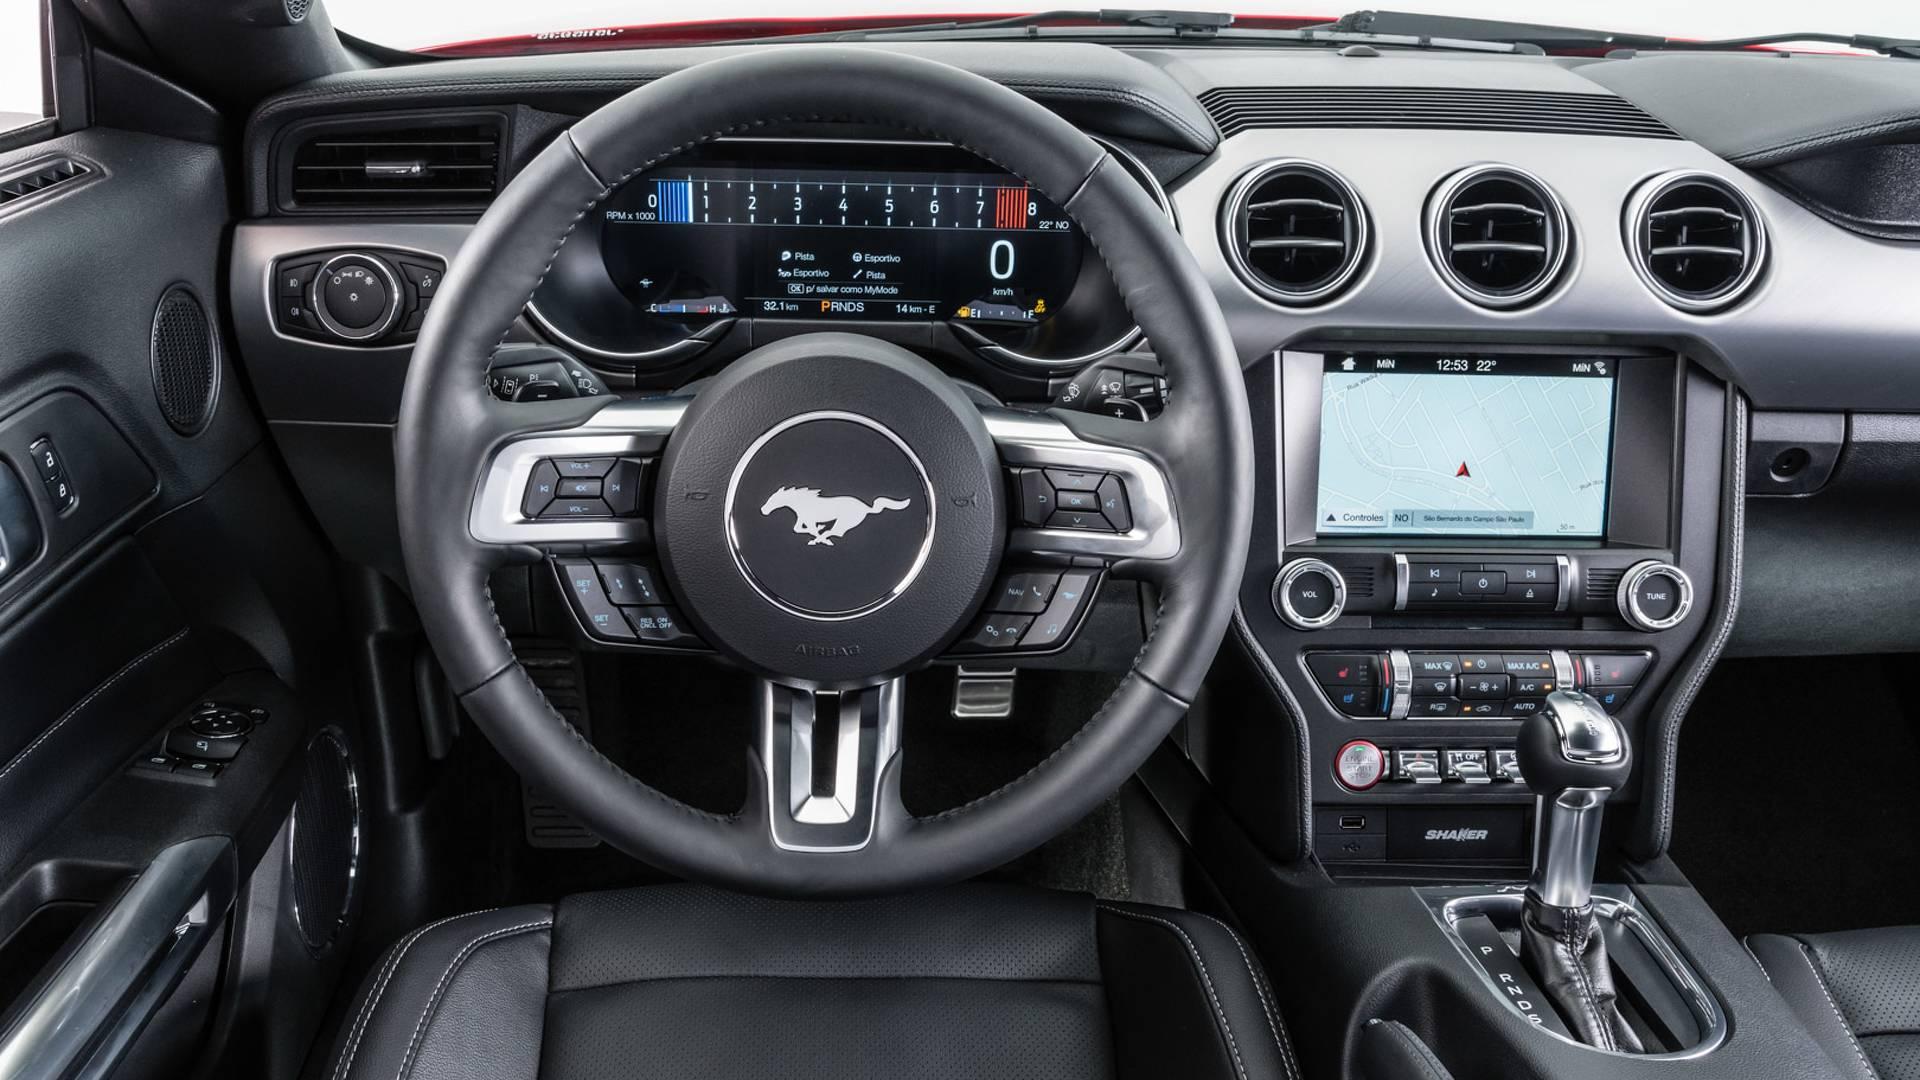 Mustang vende 9 vezes mais que 2° colocado e vira febre no ...